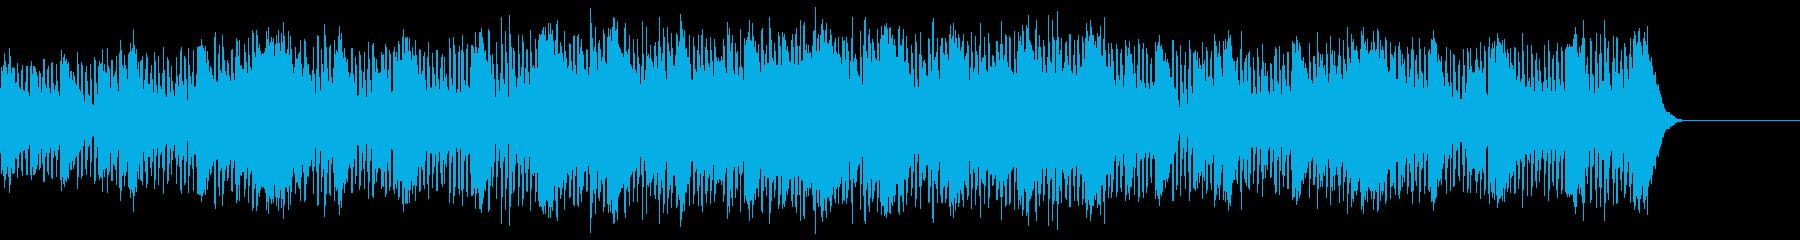 CM・クールにキメる大人な夏・ジャズの再生済みの波形